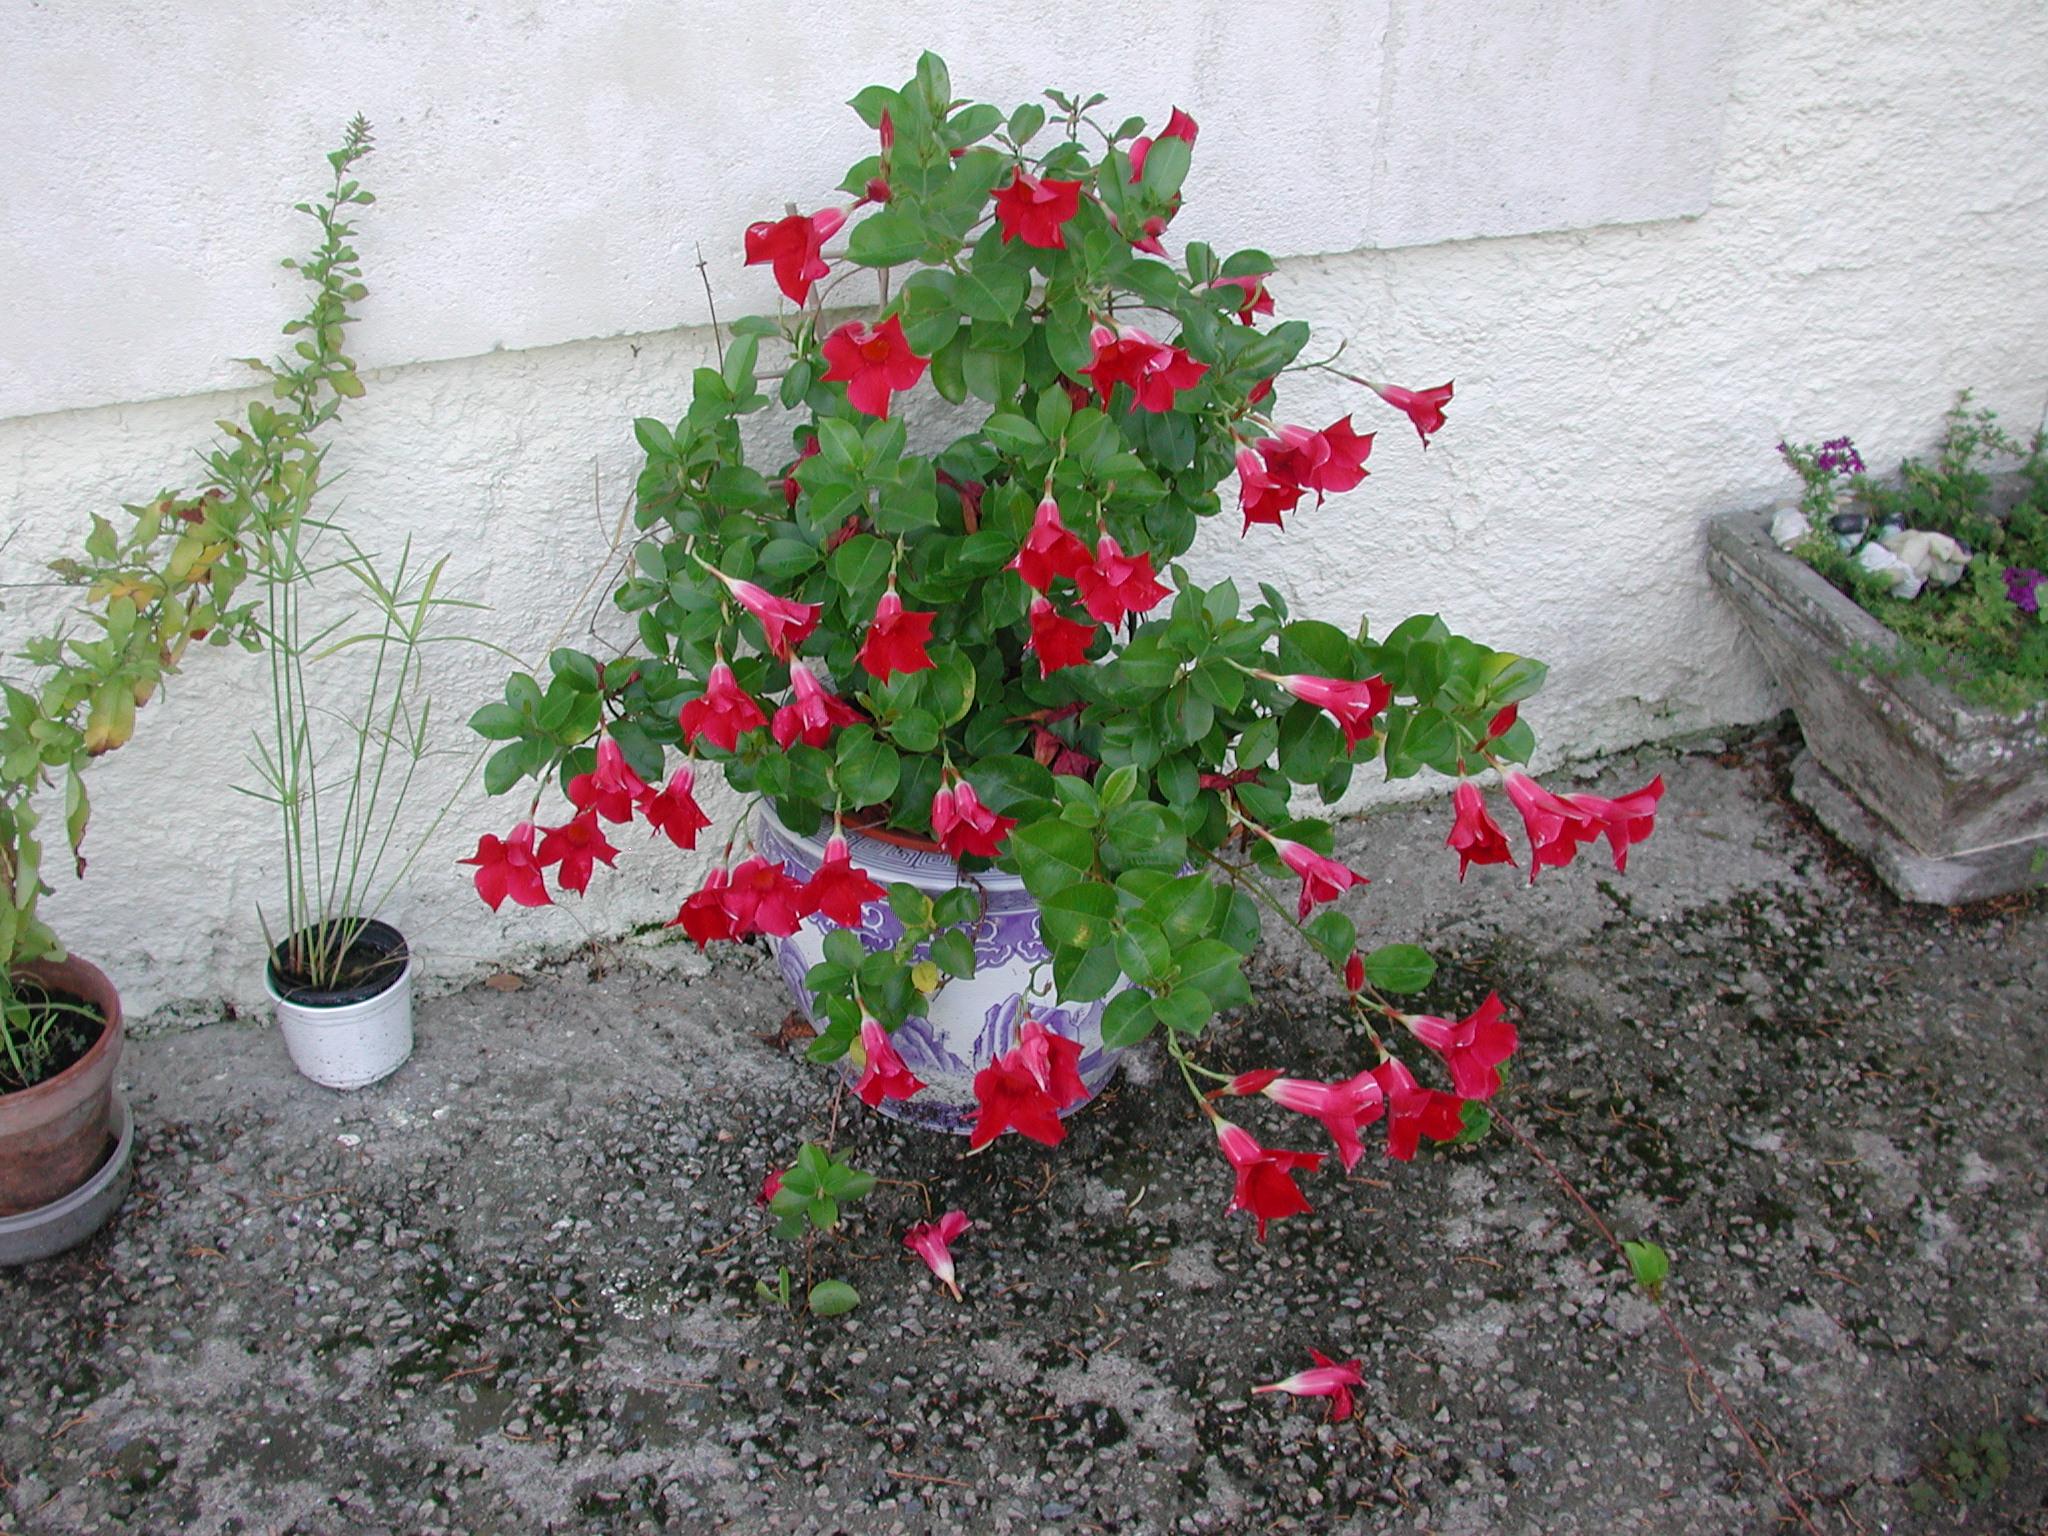 Diplad nia aux feuilles marron couper ou pas au jardin - Difference entre cafard et cafard de jardin ...